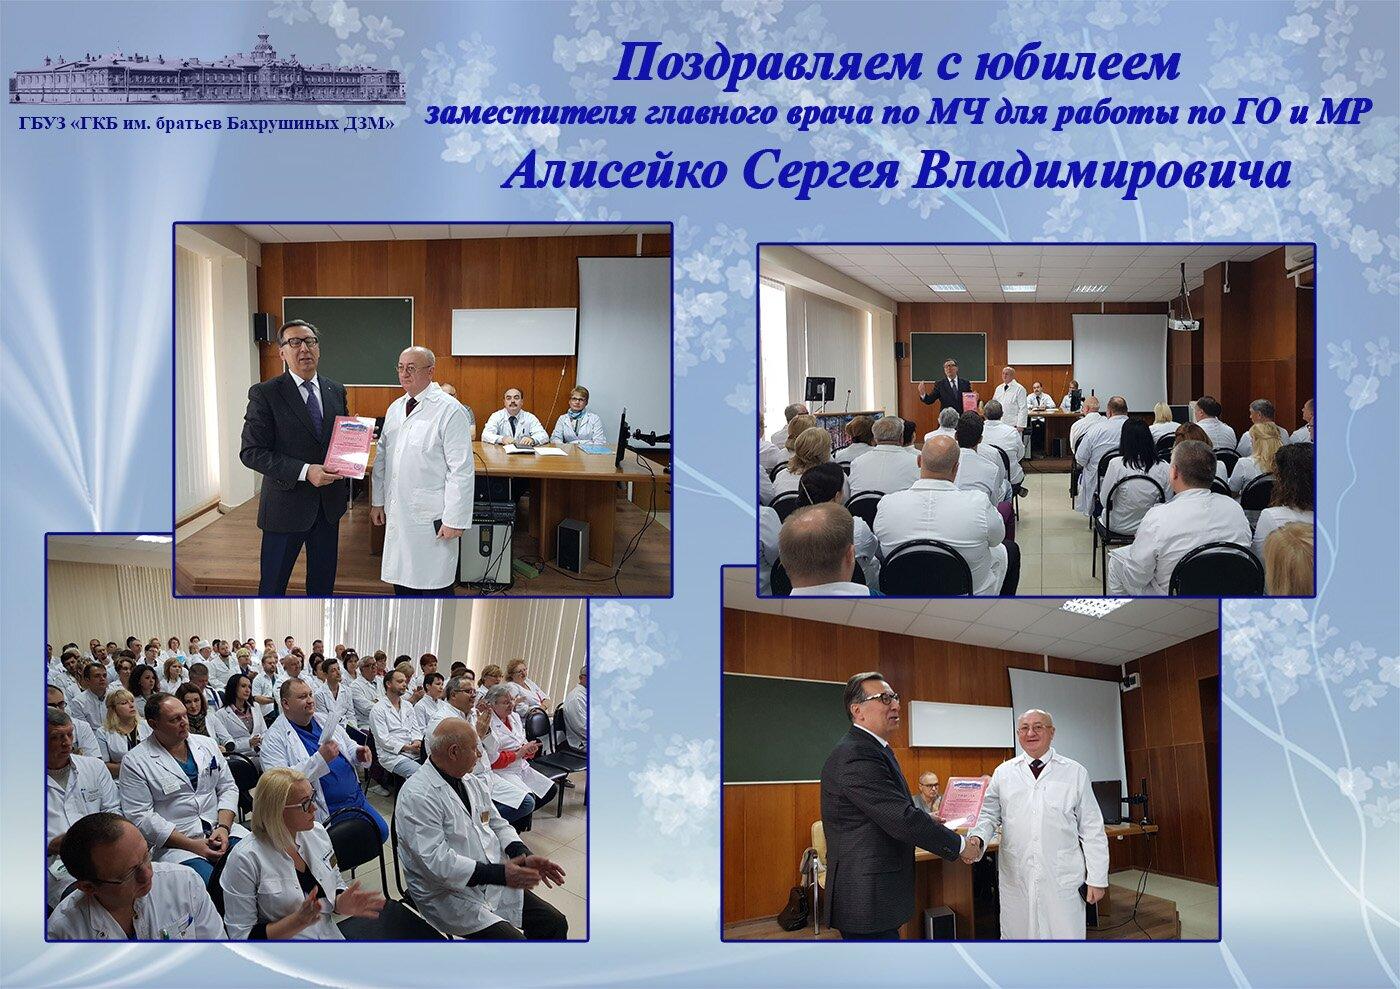 Поздравление главного врача с юбилеем больницы